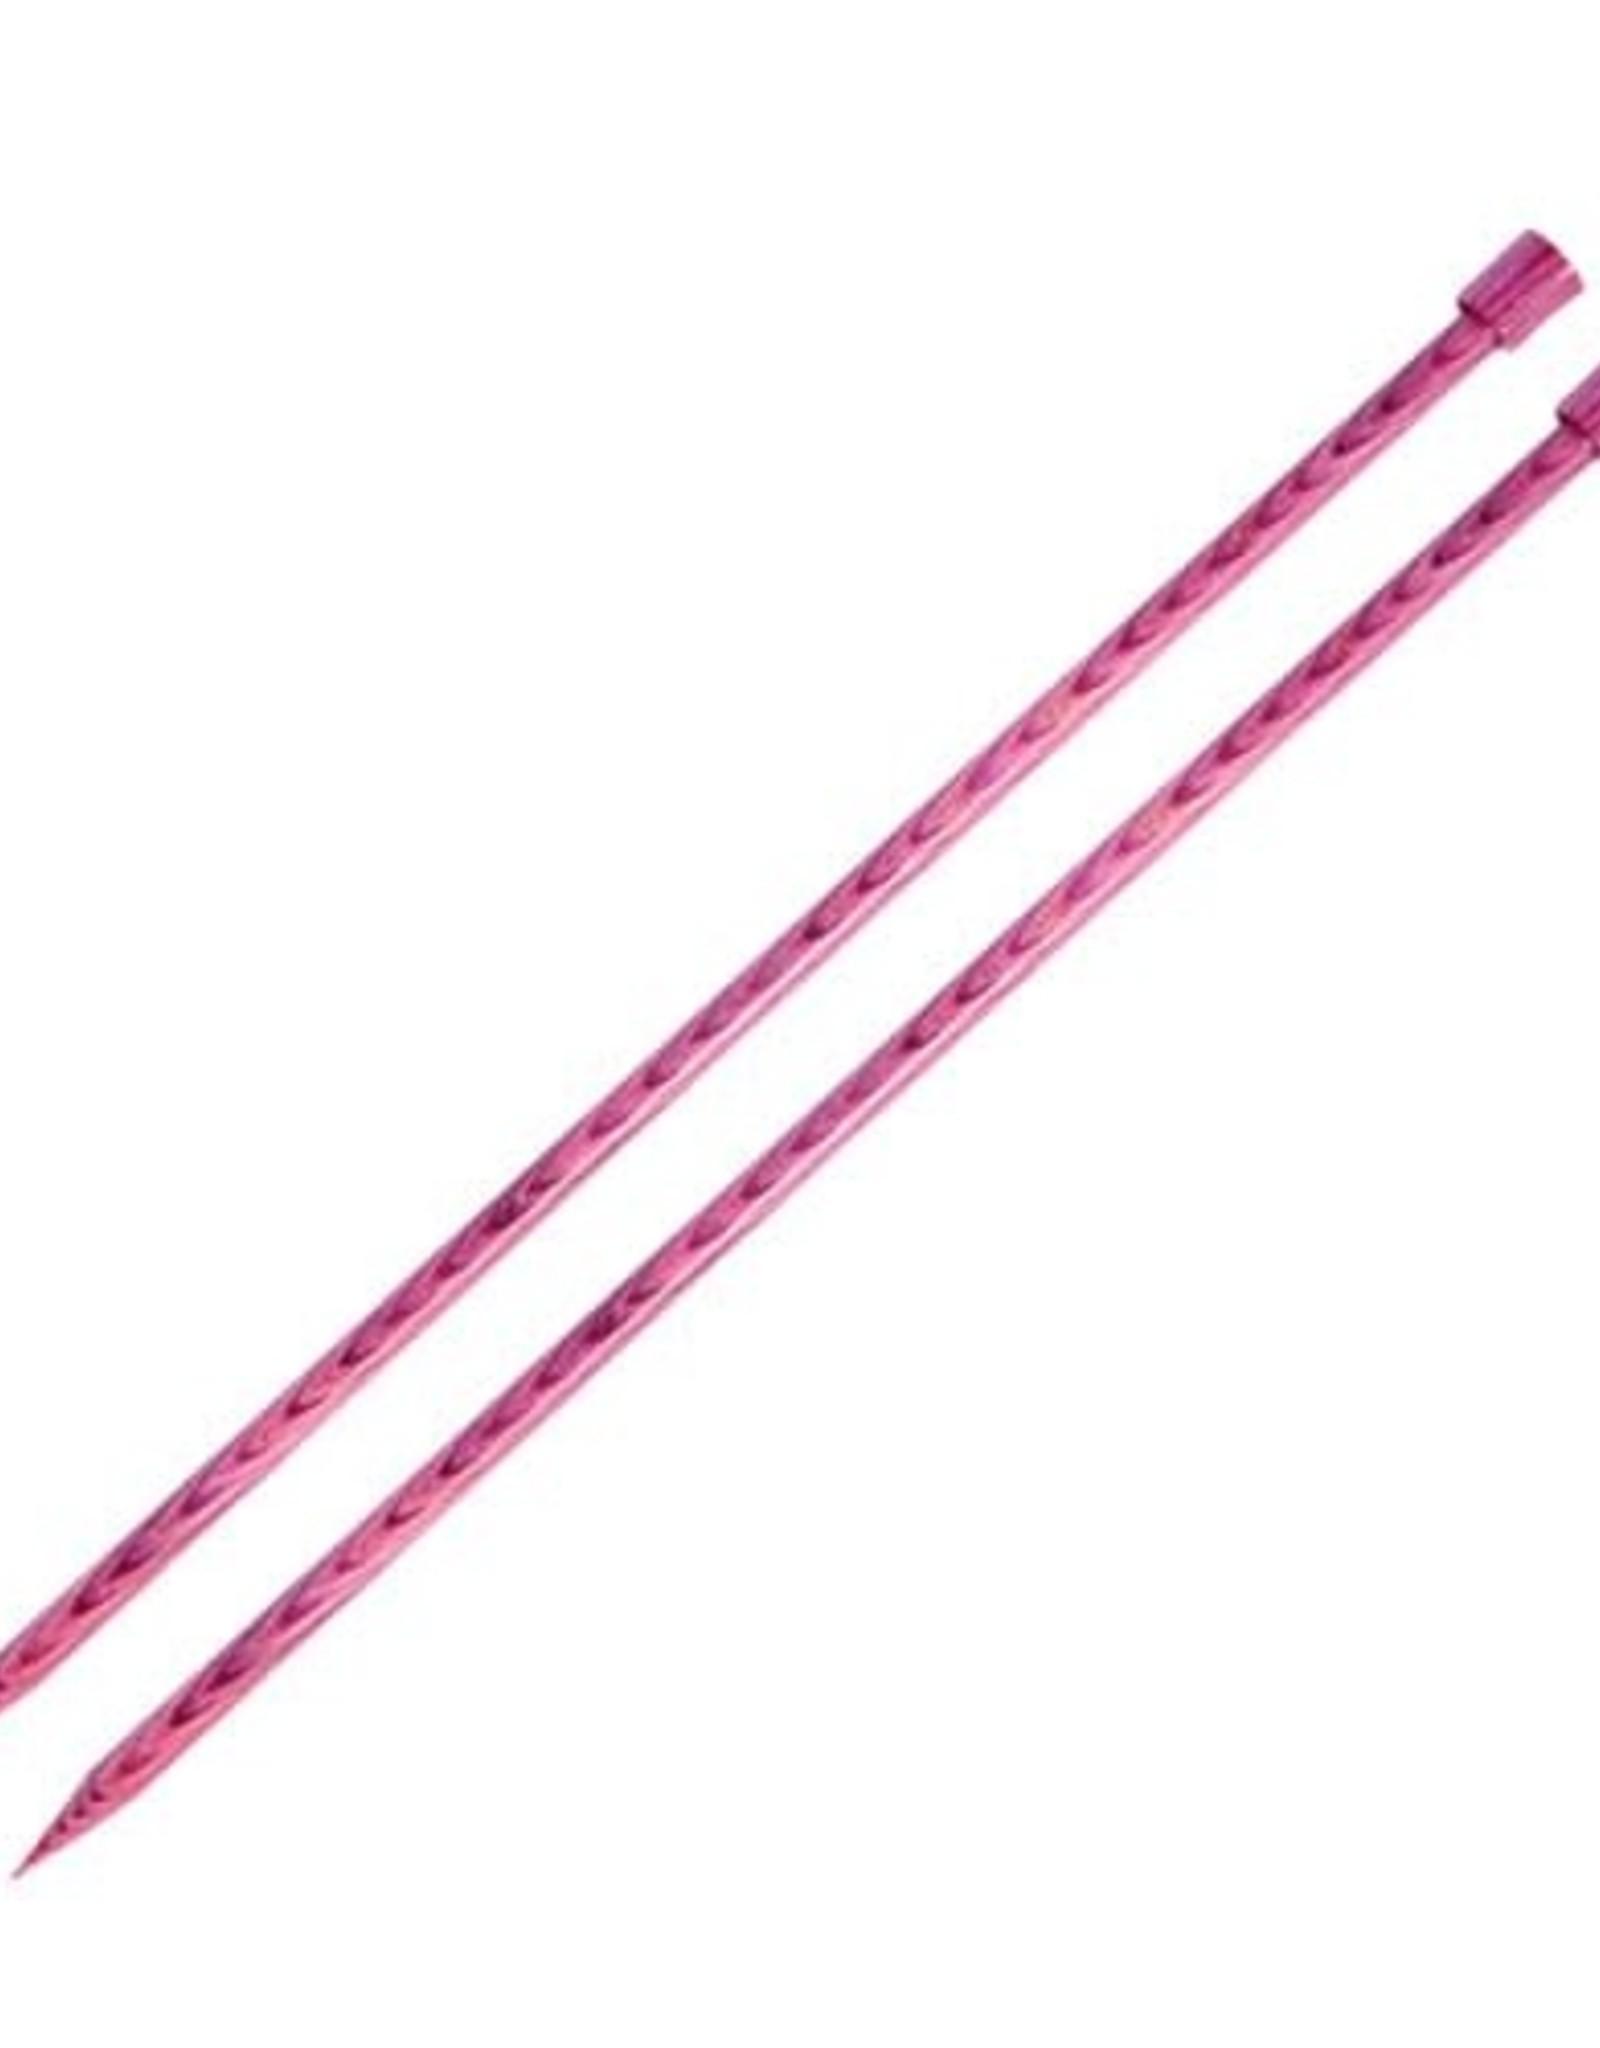 Knitter's Pride Dreamz Single Point Needles